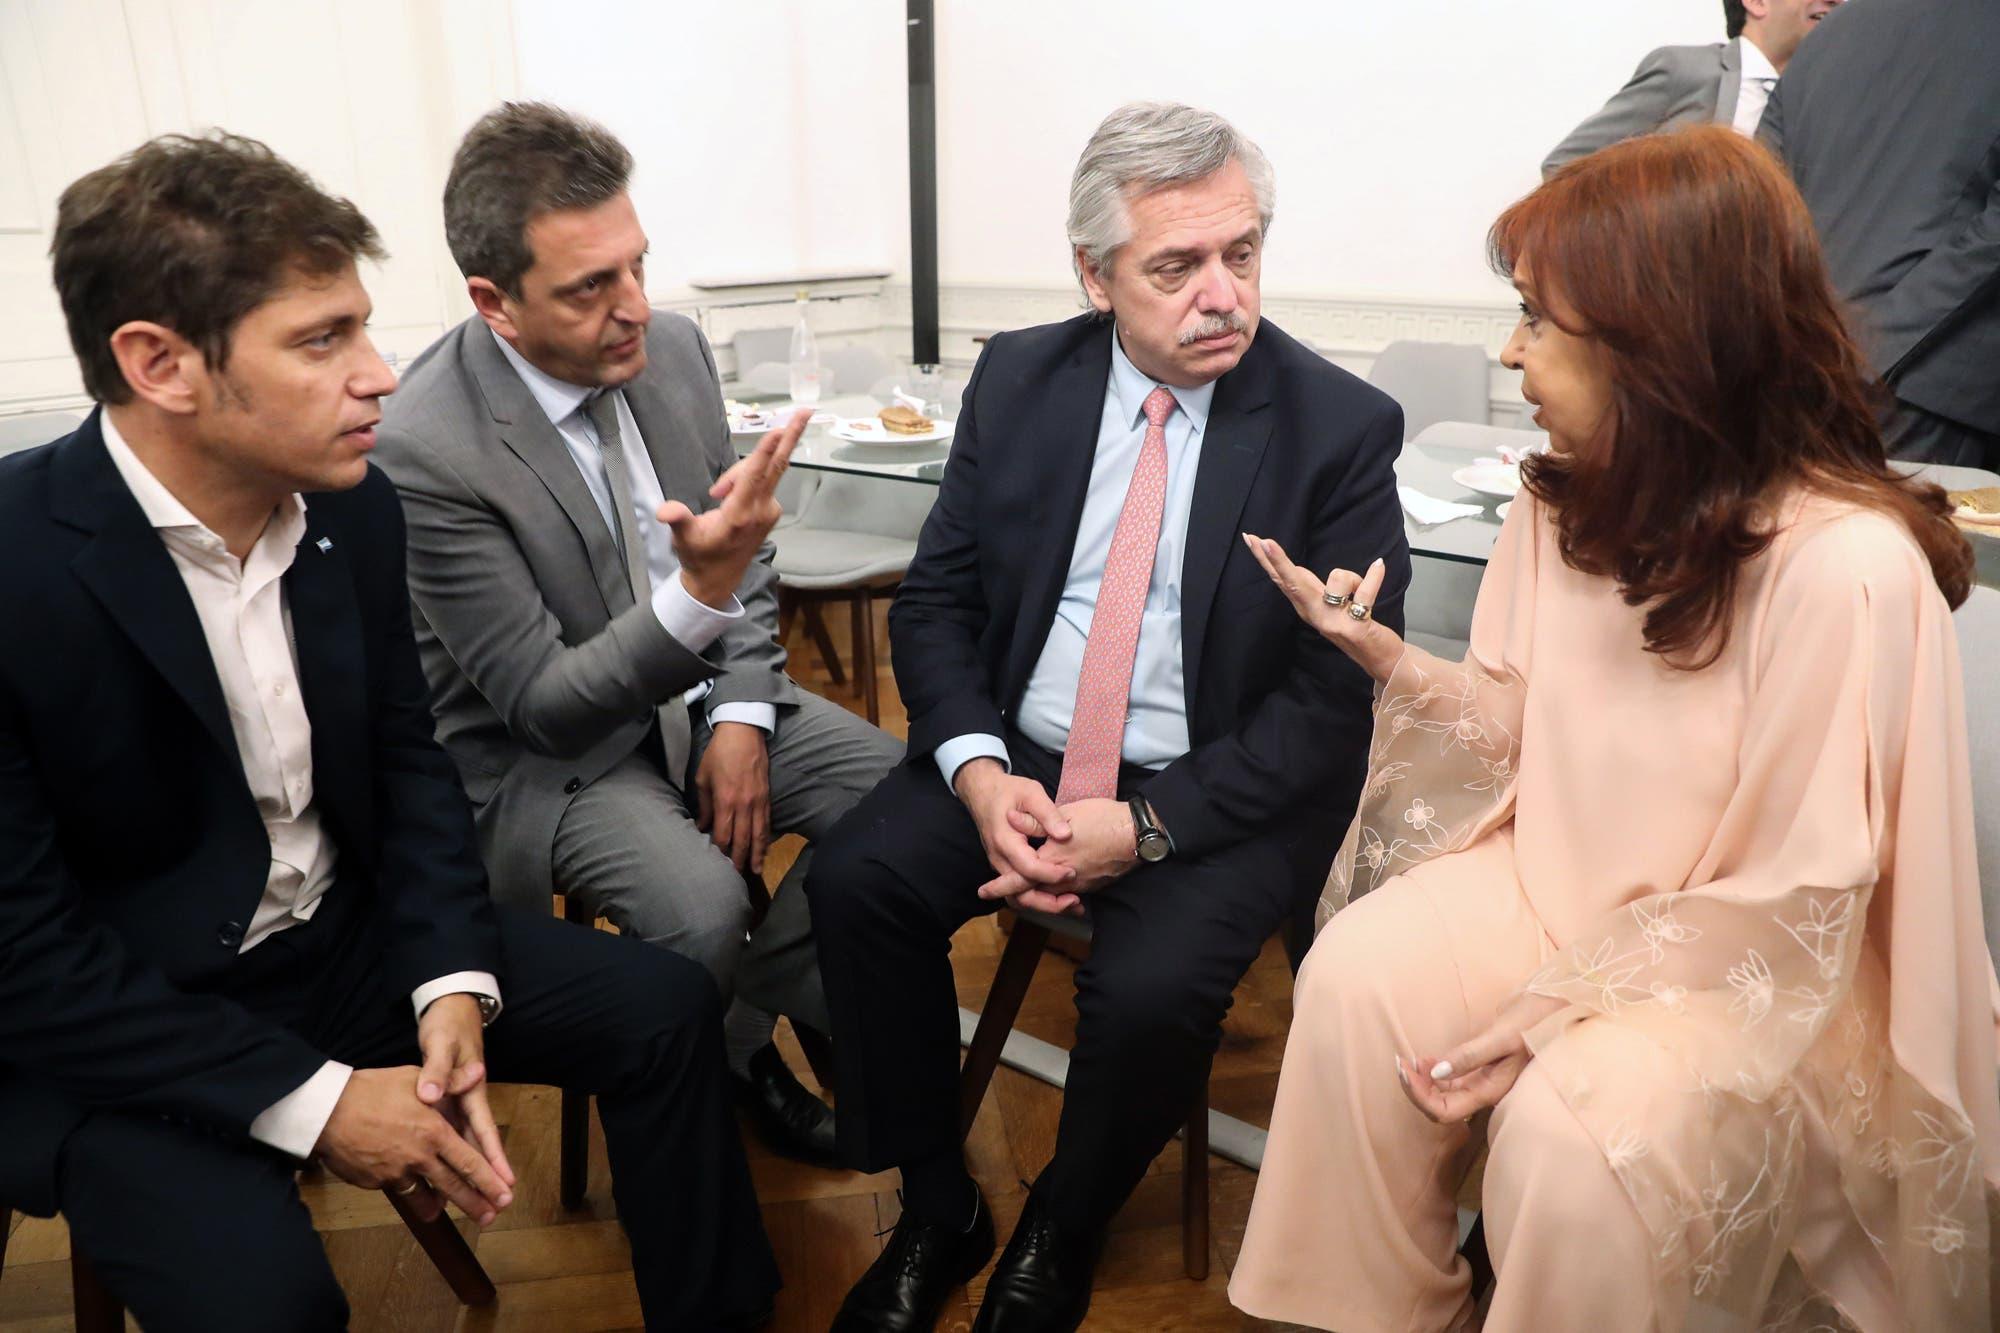 Acto en el Estadio Único: Axel Kicillof anuncia medidas sociales y busca una foto con Alberto Fernández, Cristina y Máximo Kirchner y Sergio Massa